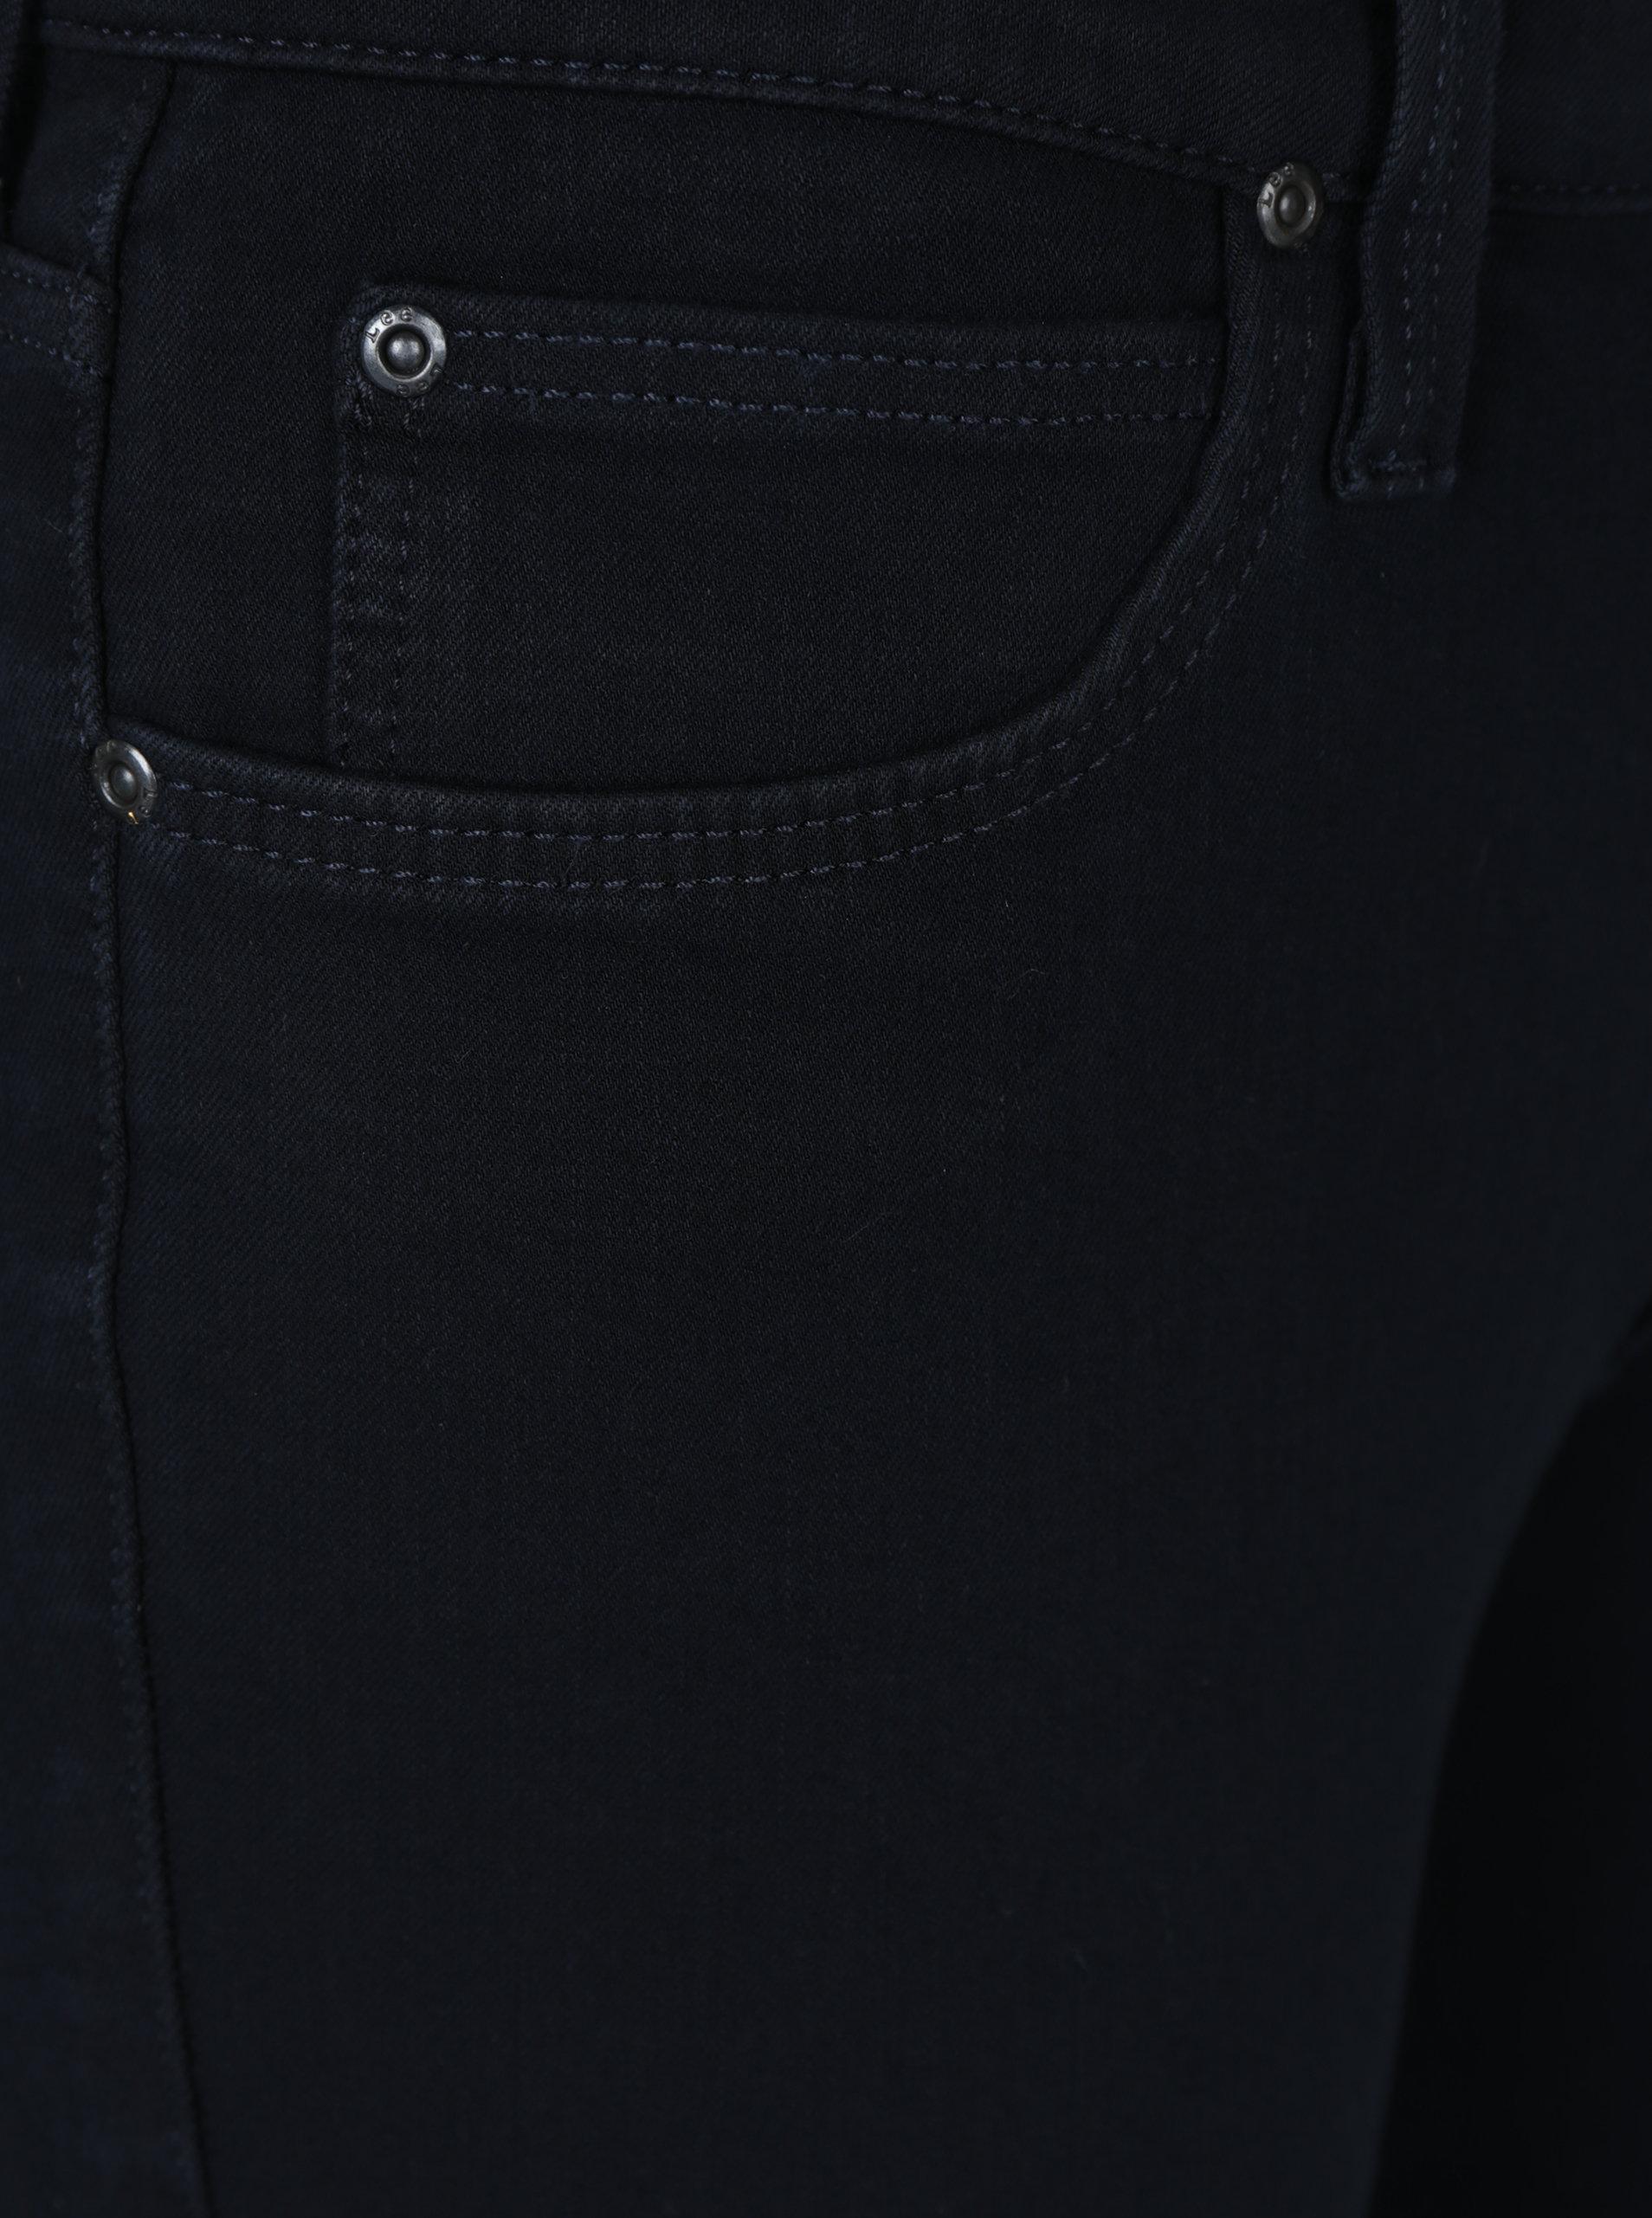 aaee0194ac7 Tmavě modré dámské zkrácené skinny fit džíny Lee Scarlett ...